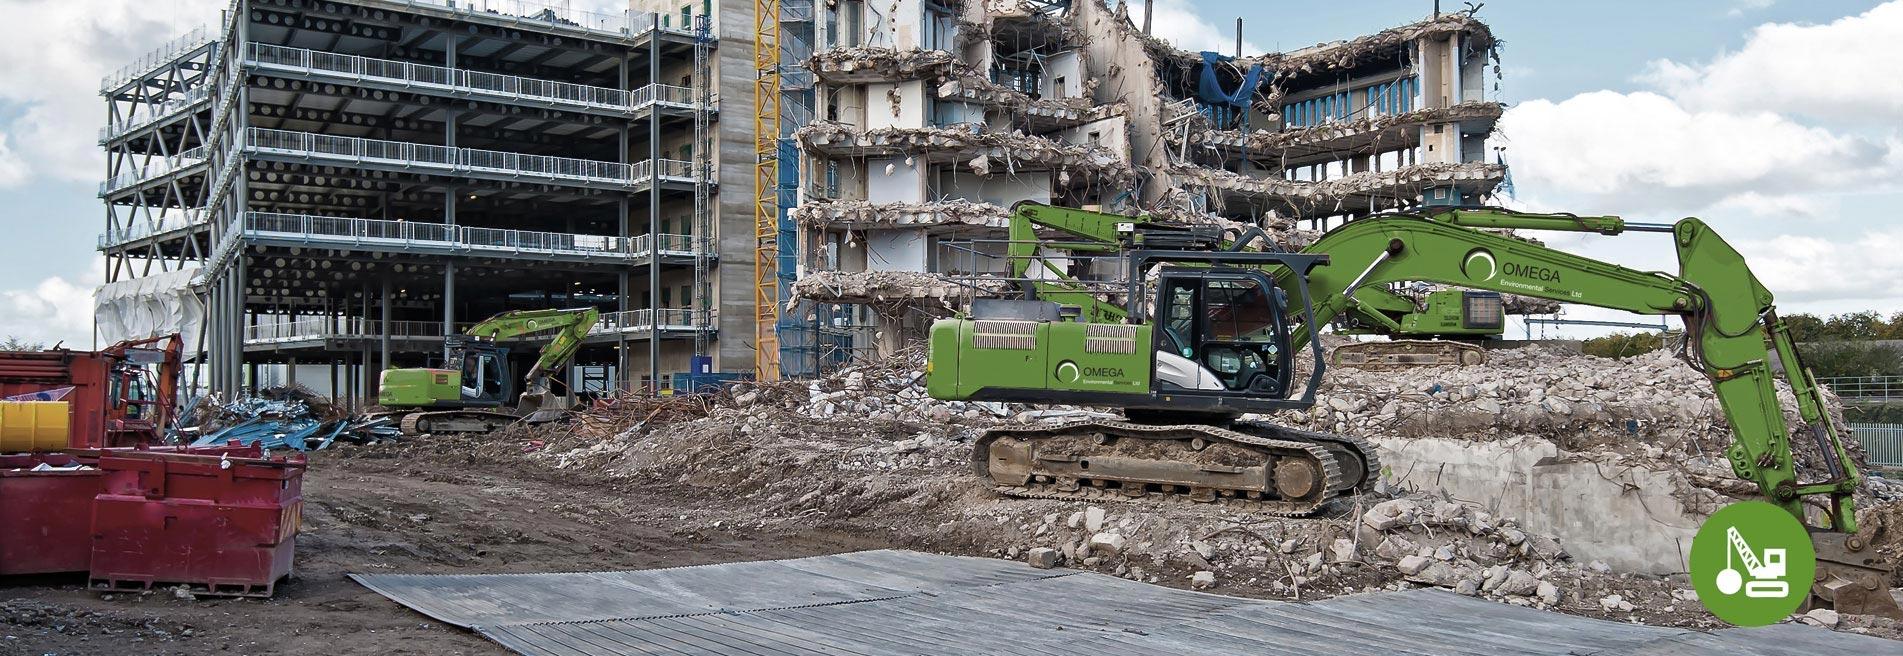 Demolition & Soft Strip